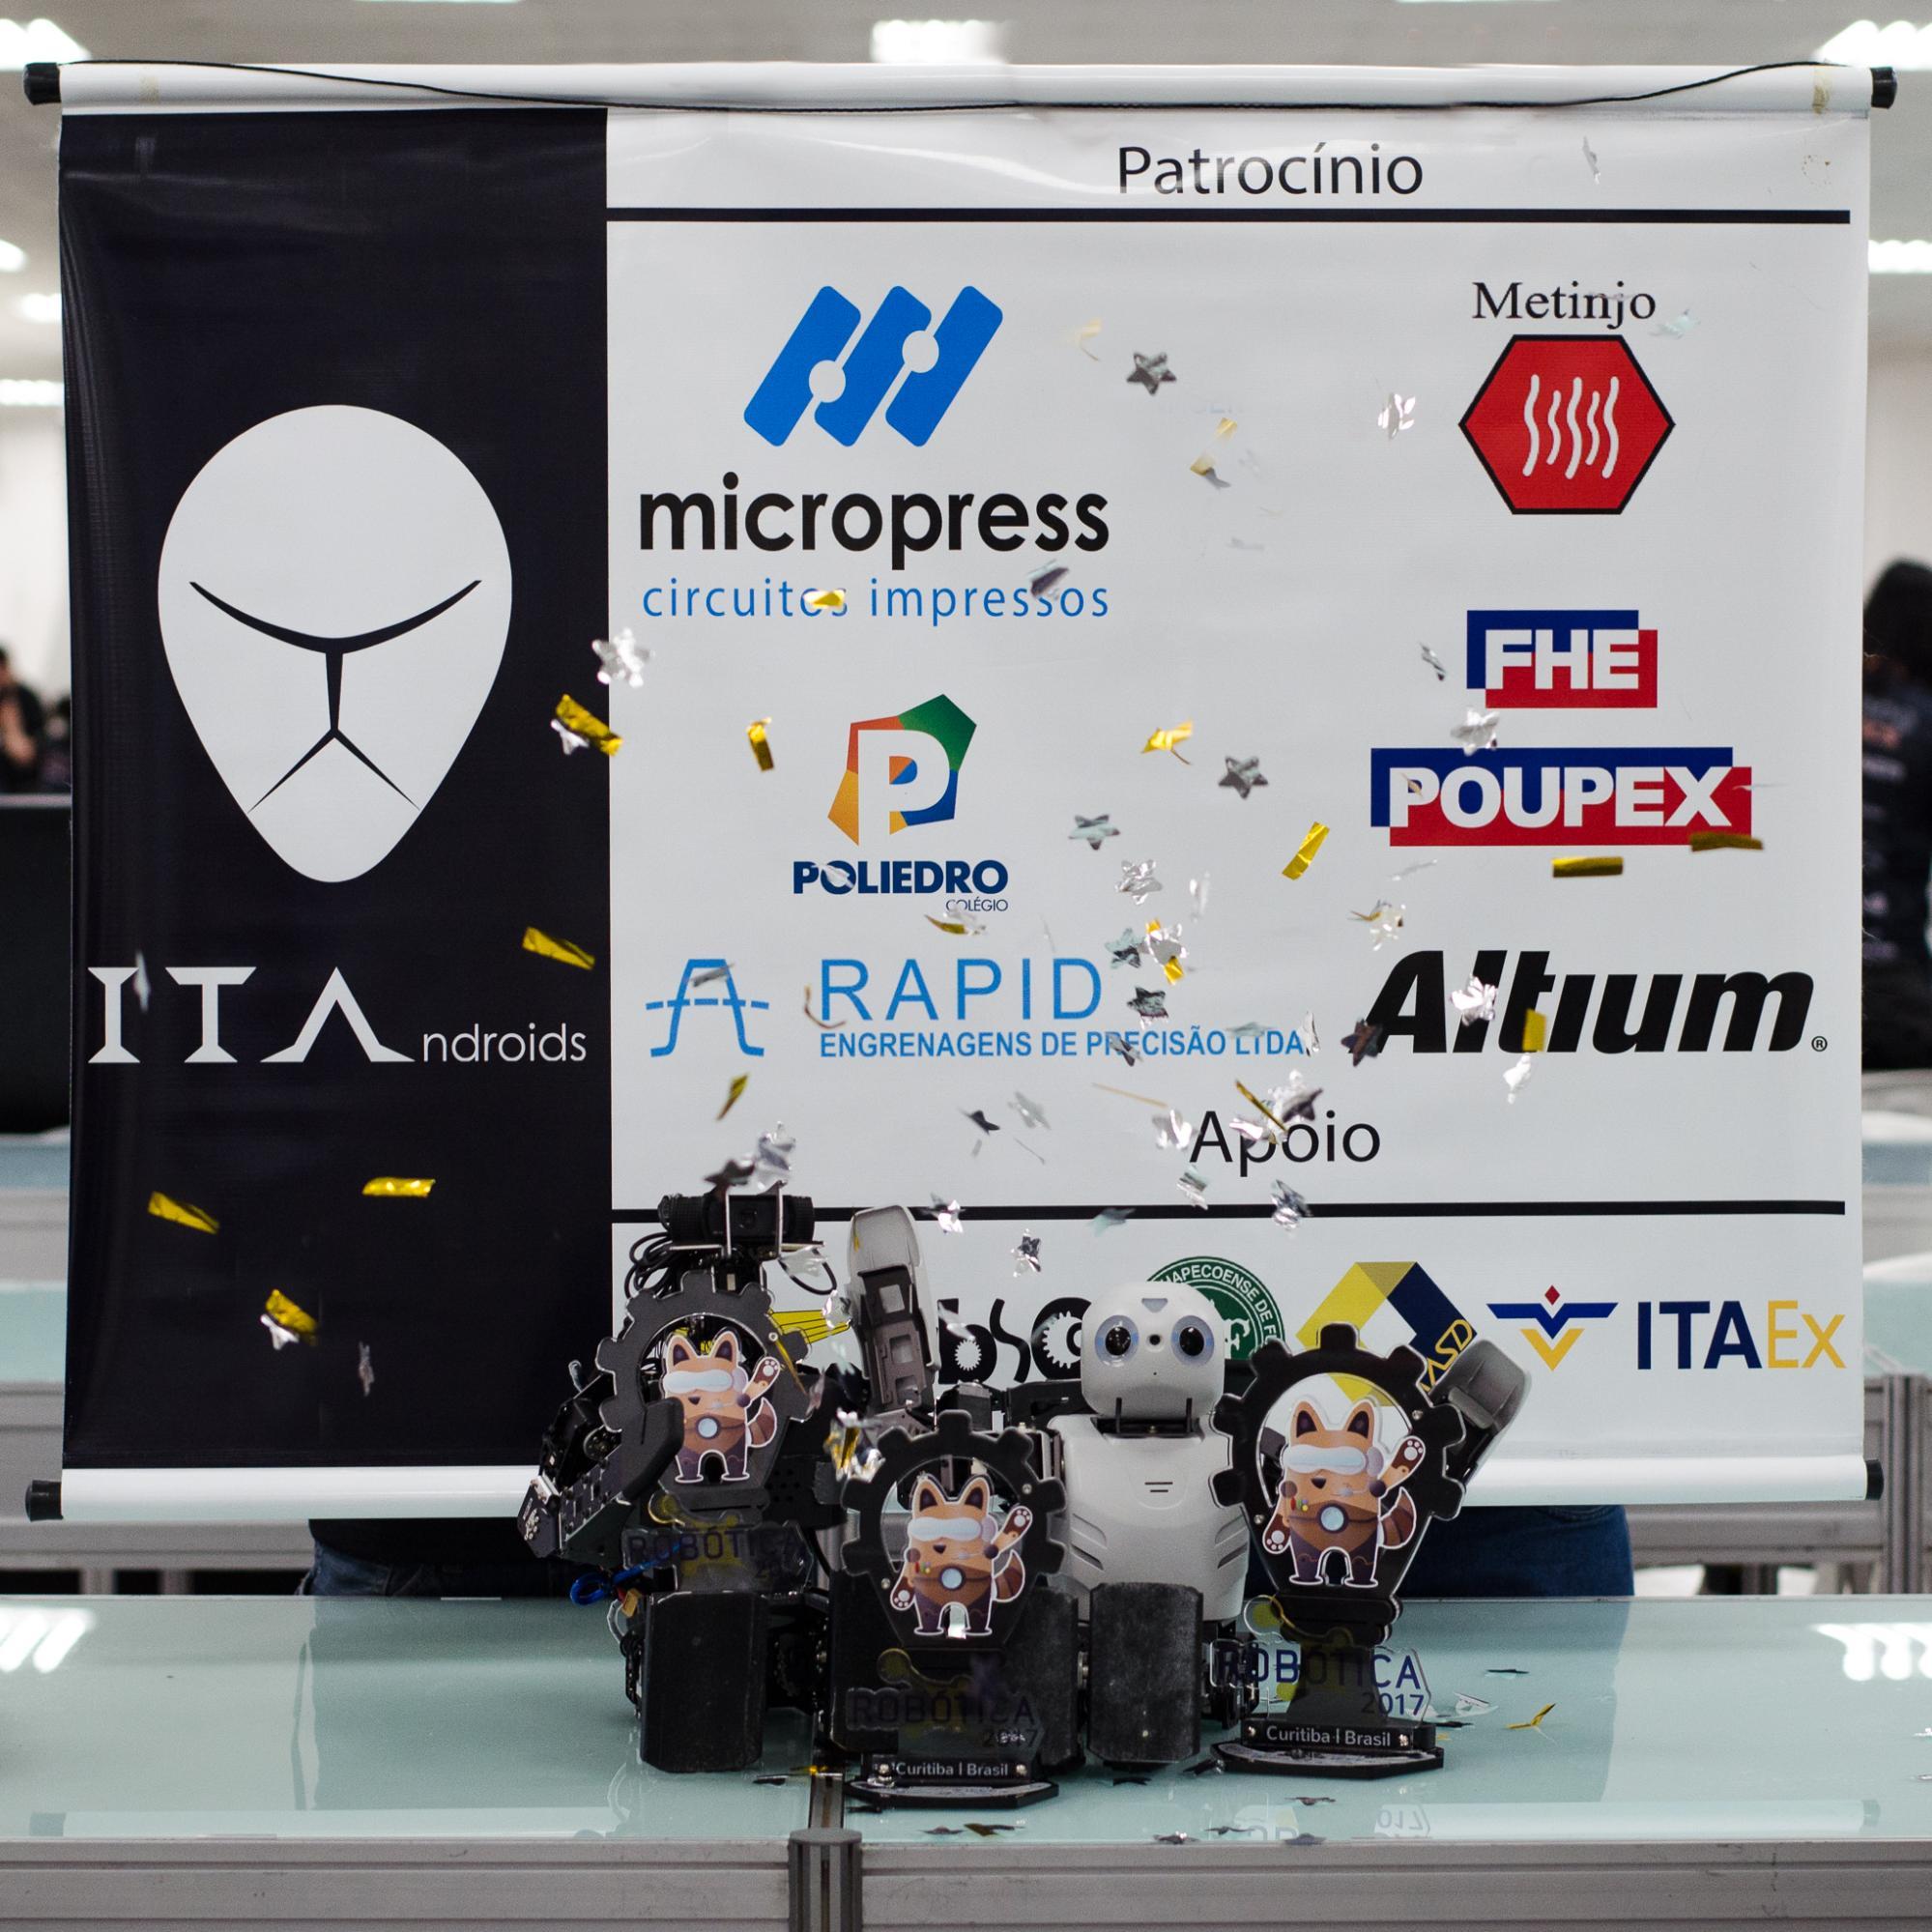 ITAndroidsチームが製作した小型クラスのロボット